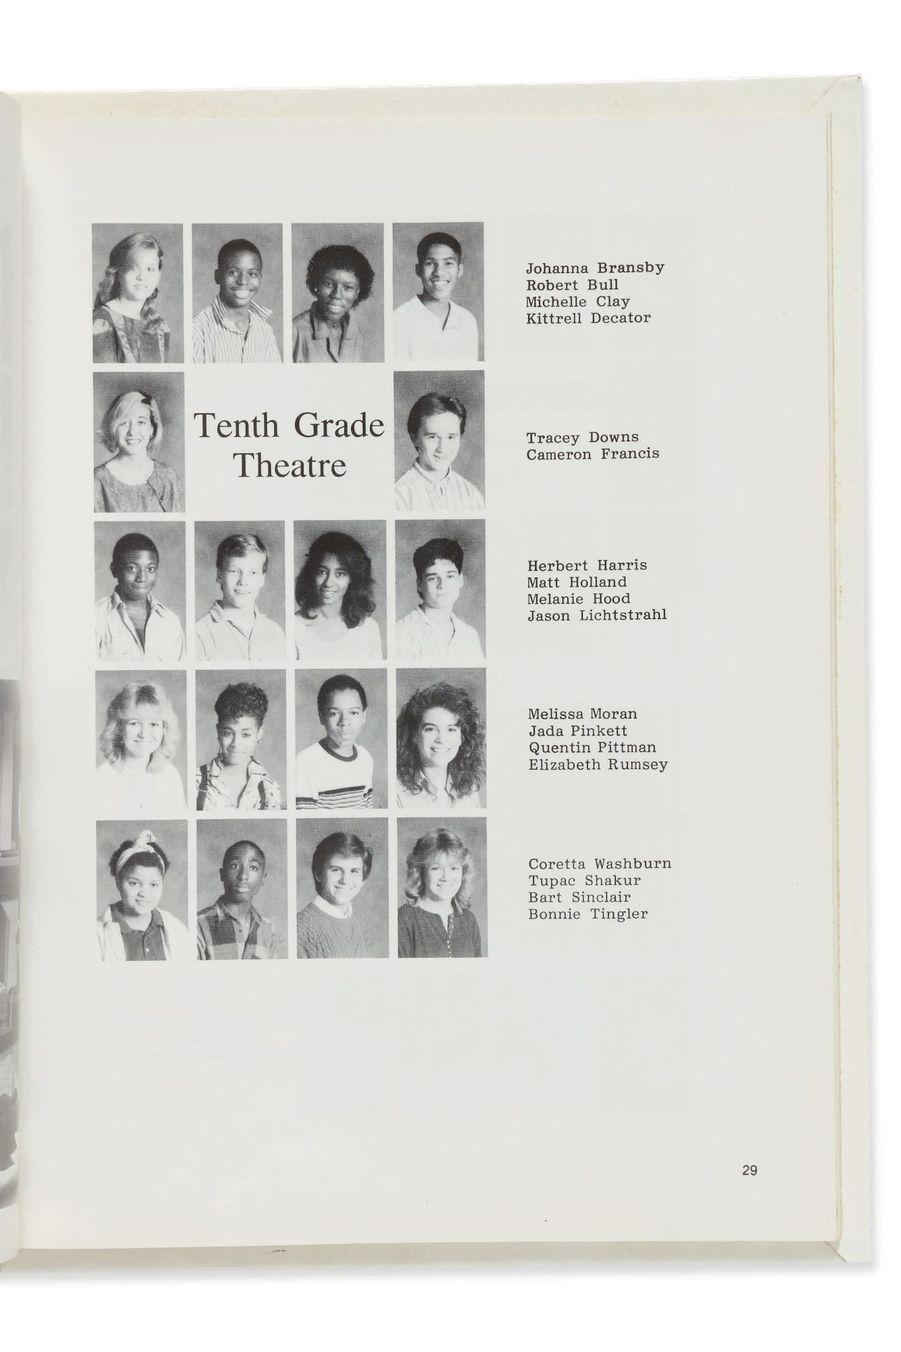 L'album de promo de Tupac, encore adolescent. Sa photo est la deuxième de la dernière ligne.